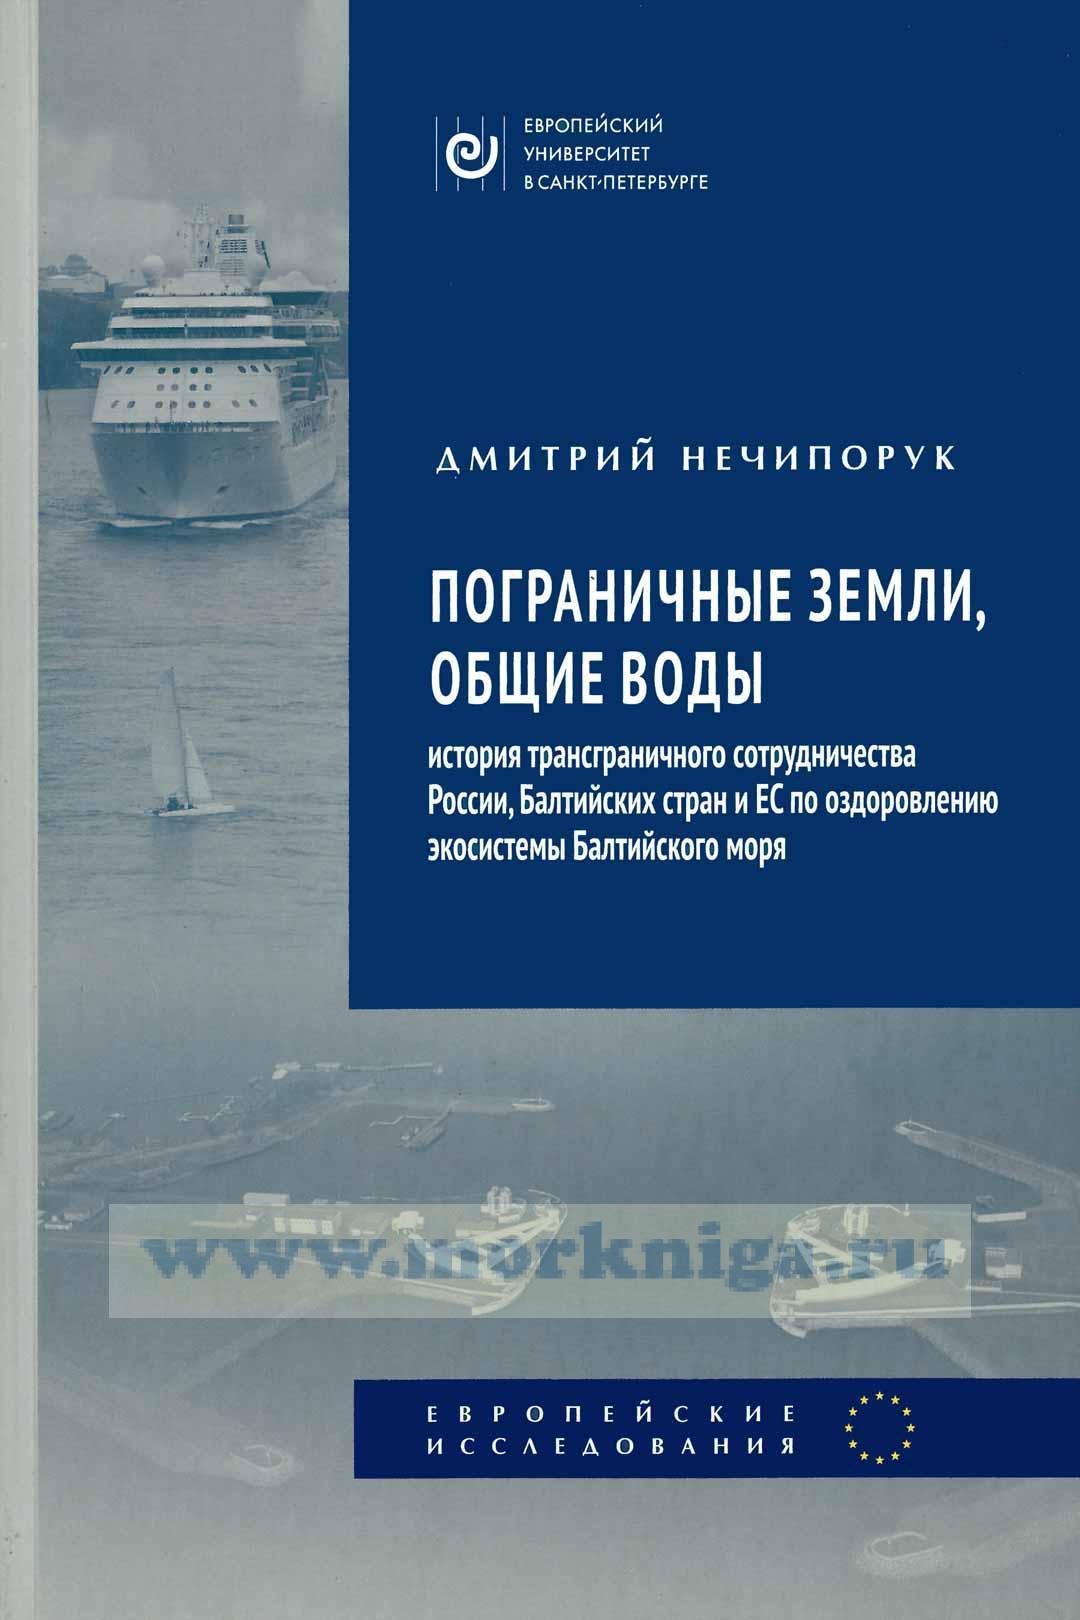 Пограничные земли, общие воды. Истооия трансграничного сотрудничества России, Балтийских стран и ЕС по оздоровлению экосистемы Балтийского моря